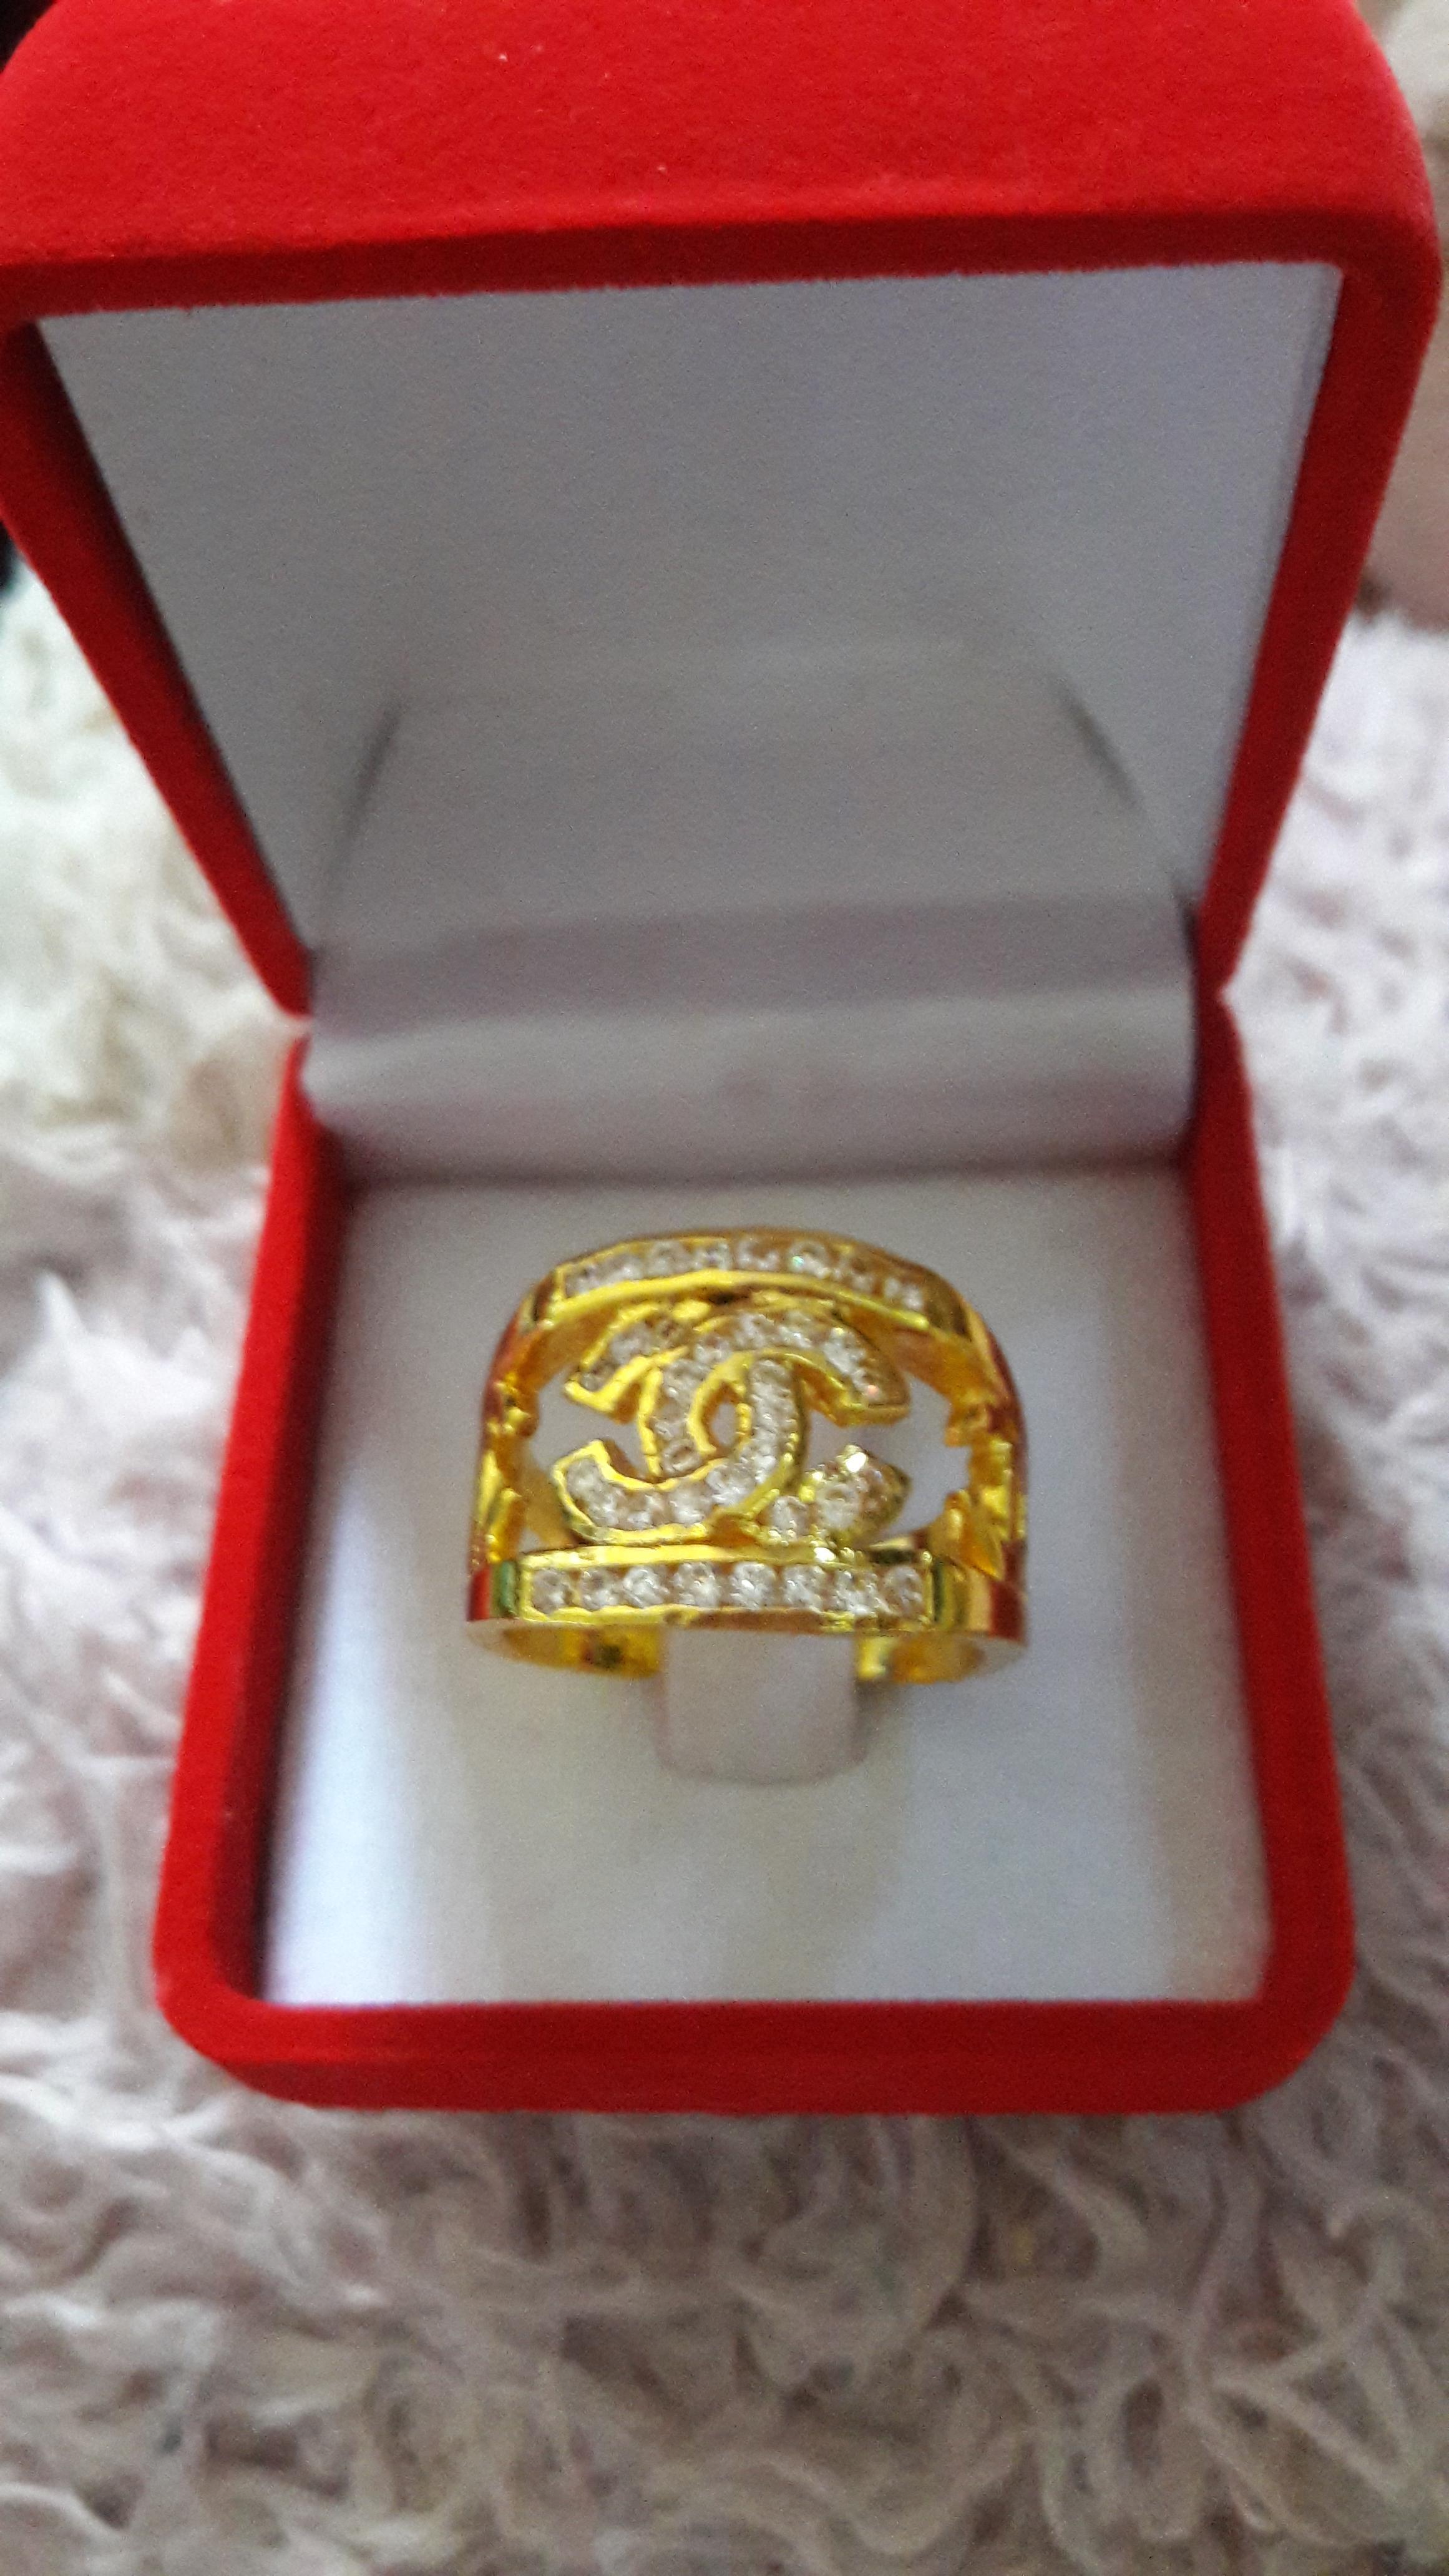 แหวนชาแนลประดับเพชร 1 บาท